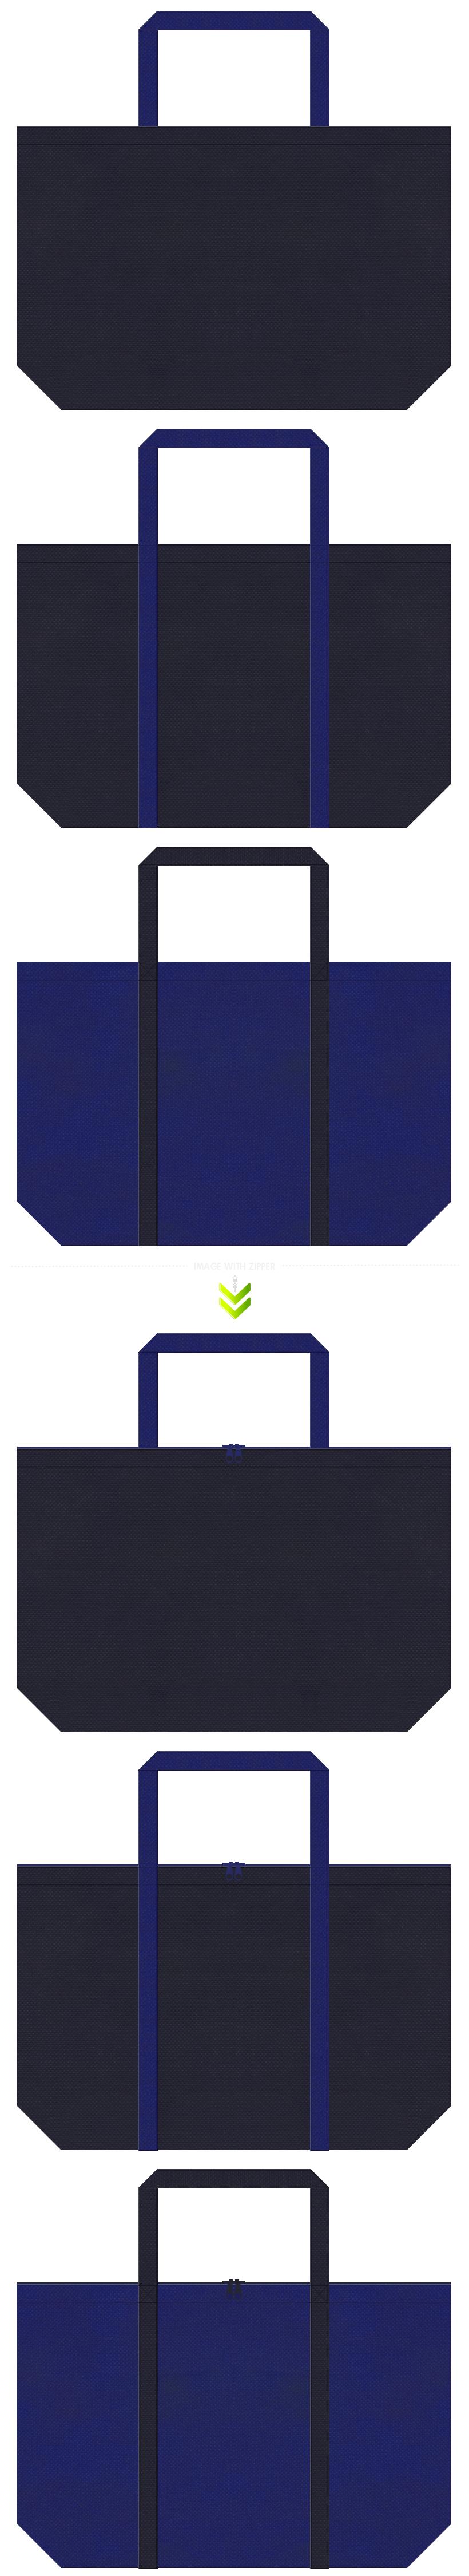 水族館・潜水艦・深海・宇宙・闇夜・ミステリー・ホラー・ACT・STG・FTG・ゲームの展示会用バッグにお奨めの不織布バッグデザイン:濃紺色と明るい紺色のコーデ